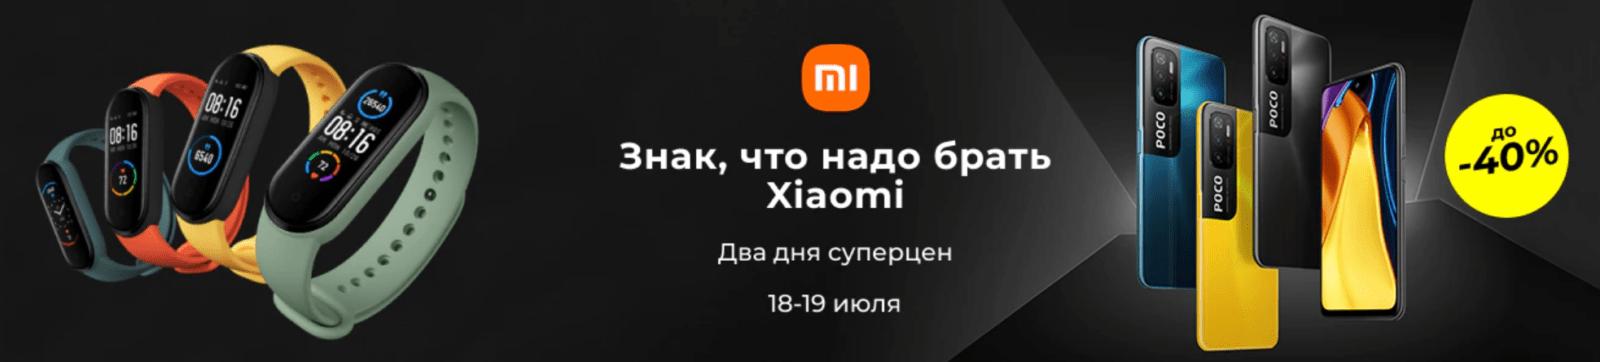 Распродажа Xiaomi со скидками до 40%